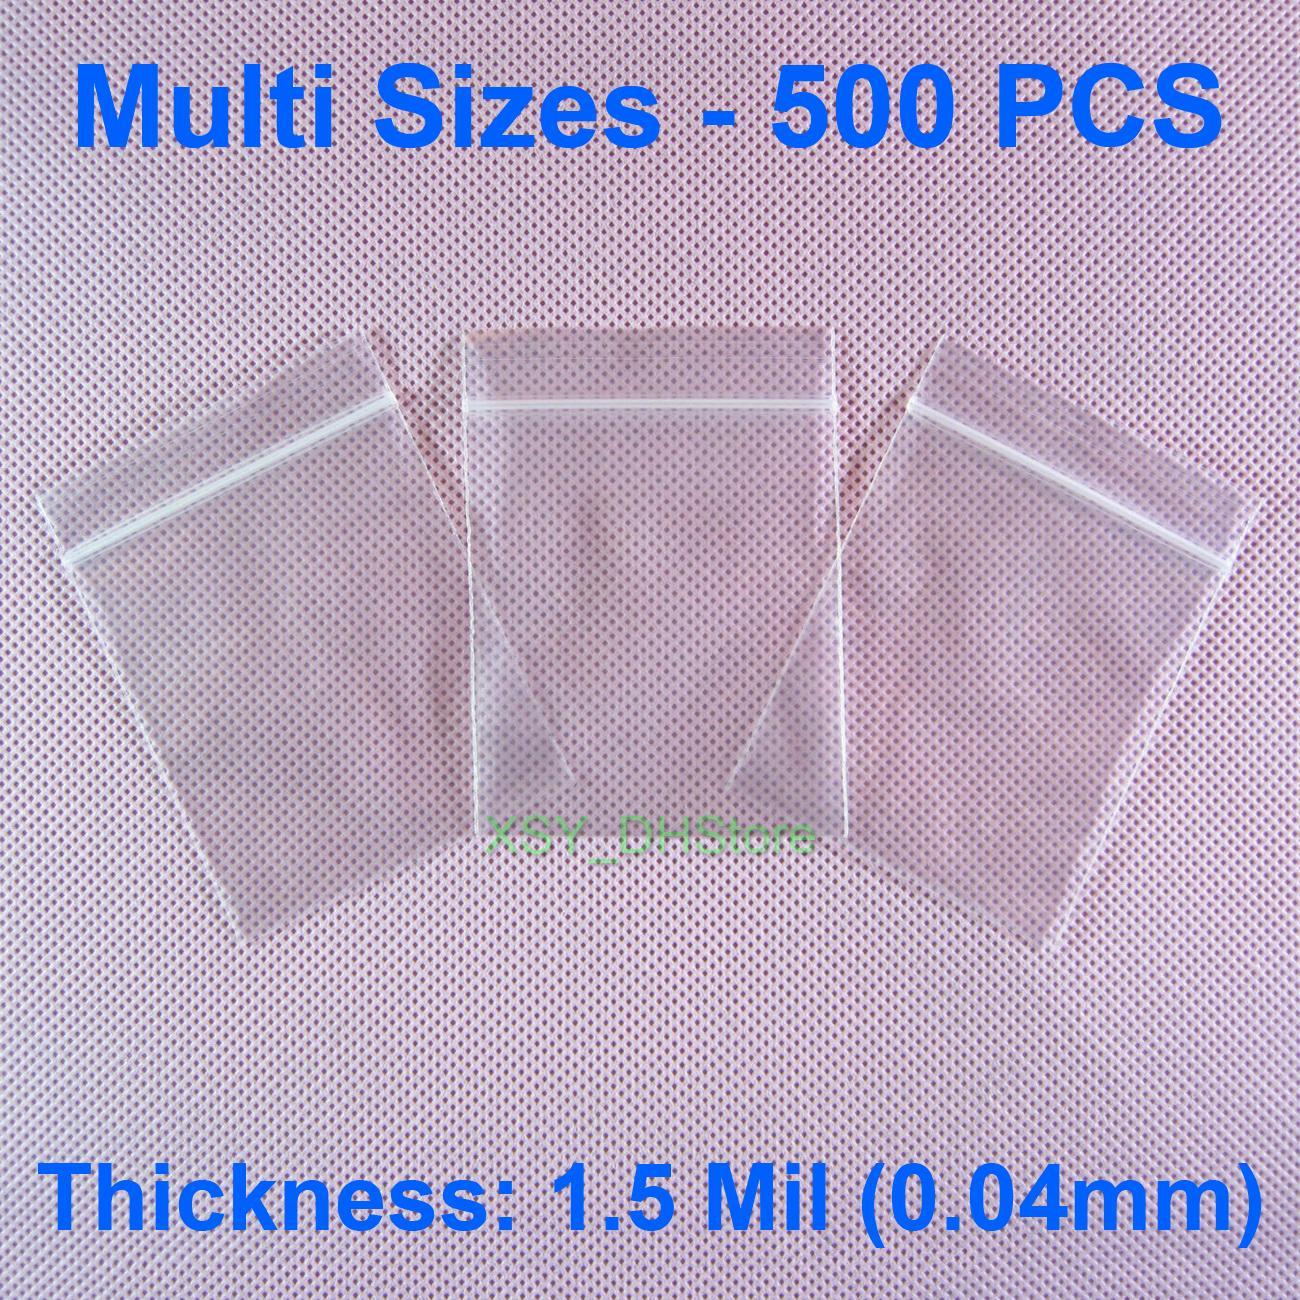 """Мульти Размеры 500 PCS 1.5 Mil Поли молнии Сумки дюйма (1,5"""" - 9,4 """") х (2,5"""" - 13,8"""" ) Пластиковые упаковки для хранения мешочек (от 40 до 240 мм) х (от 65 до 350 мм)"""